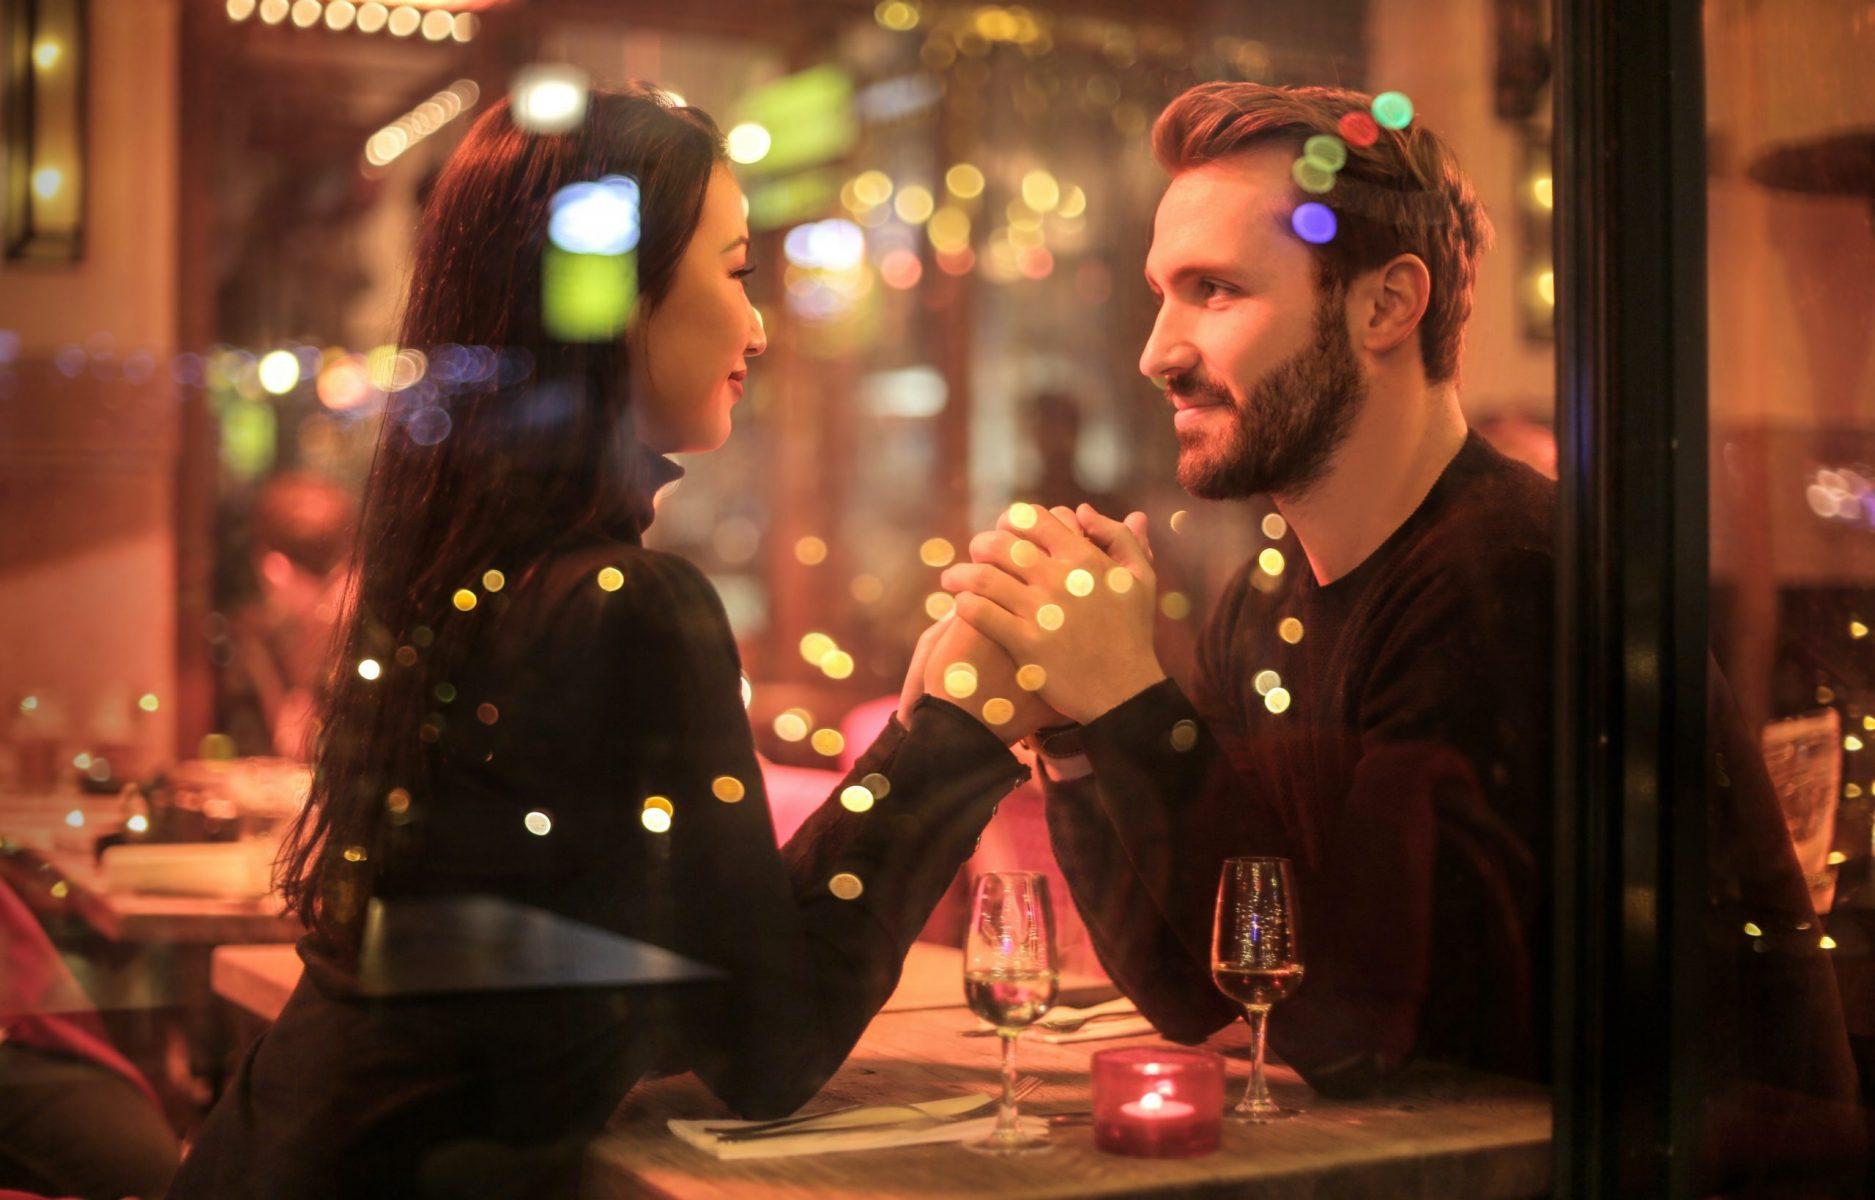 Ρομαντική Ικανότητα: Πόσο έντονα την διαθέτεις